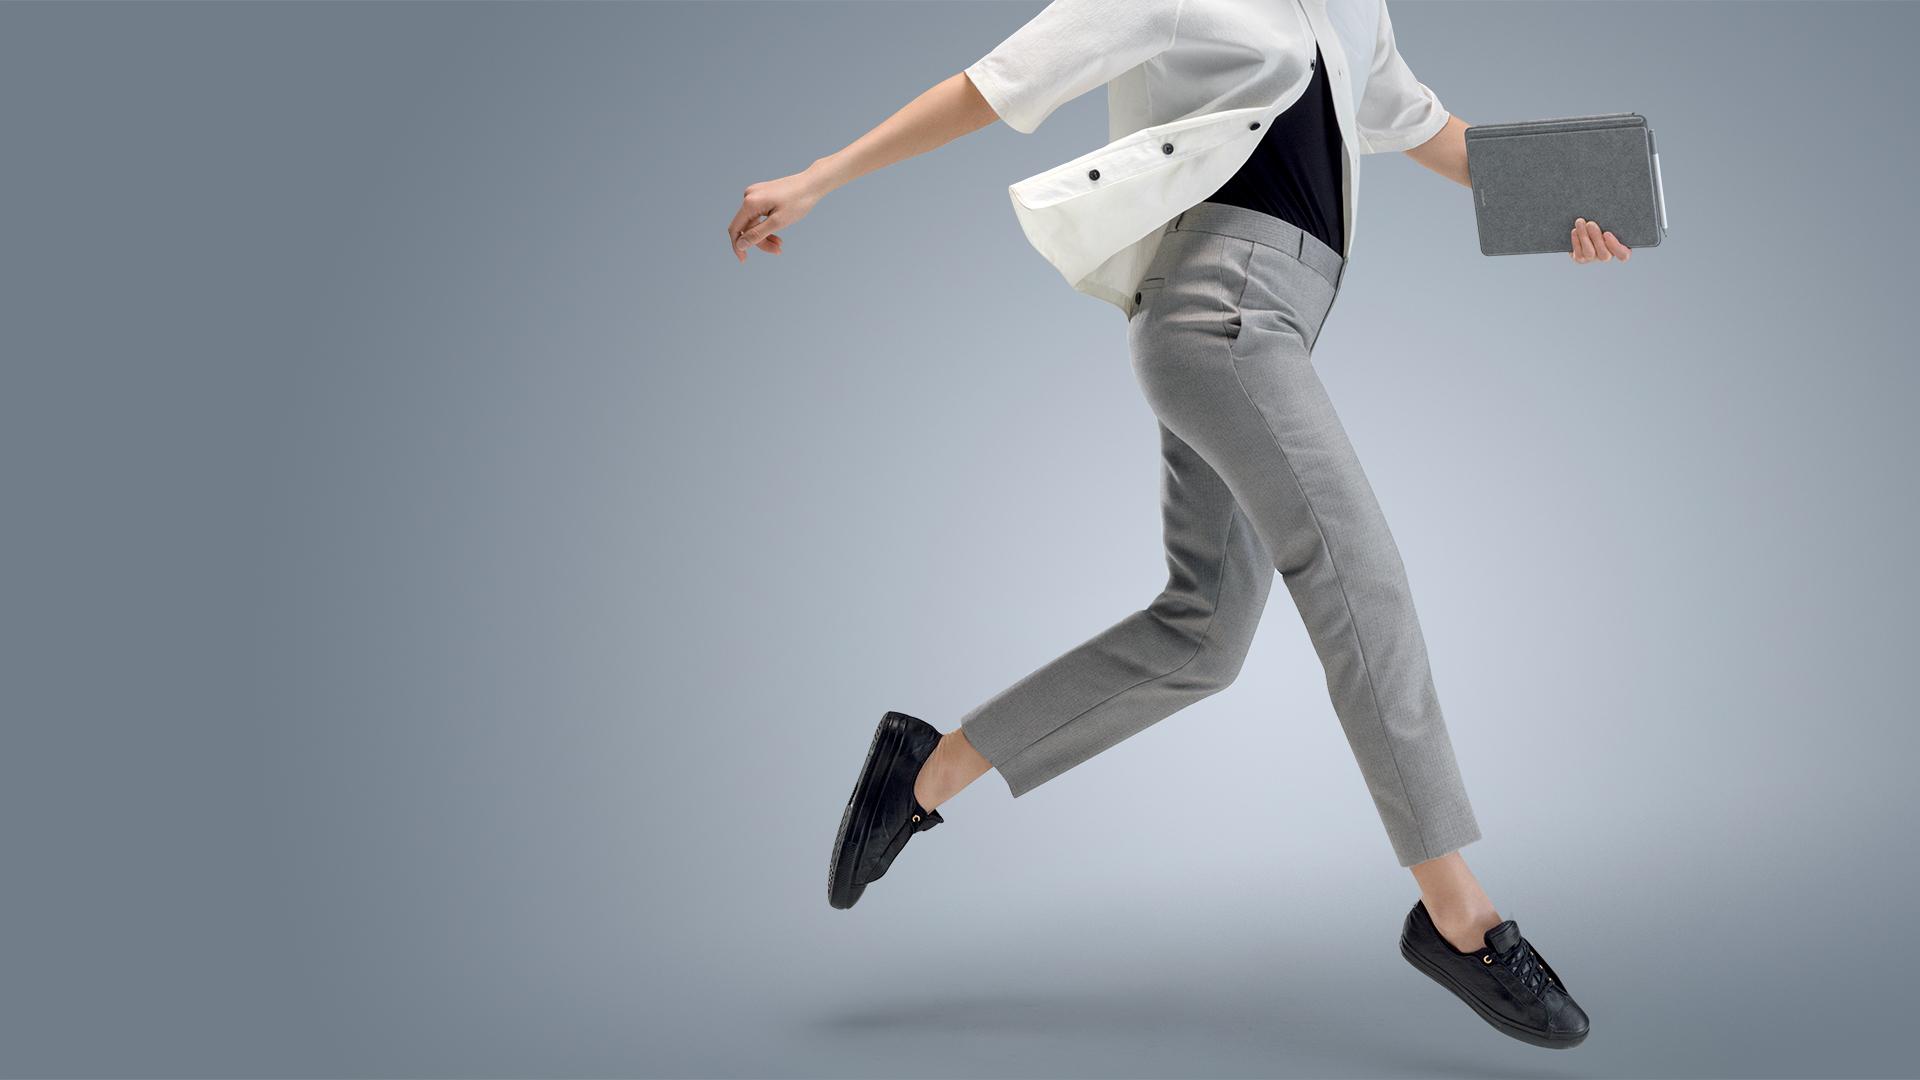 Een vrouw springt terwijl ze Surface Go in tabletmodus in één hand draagt